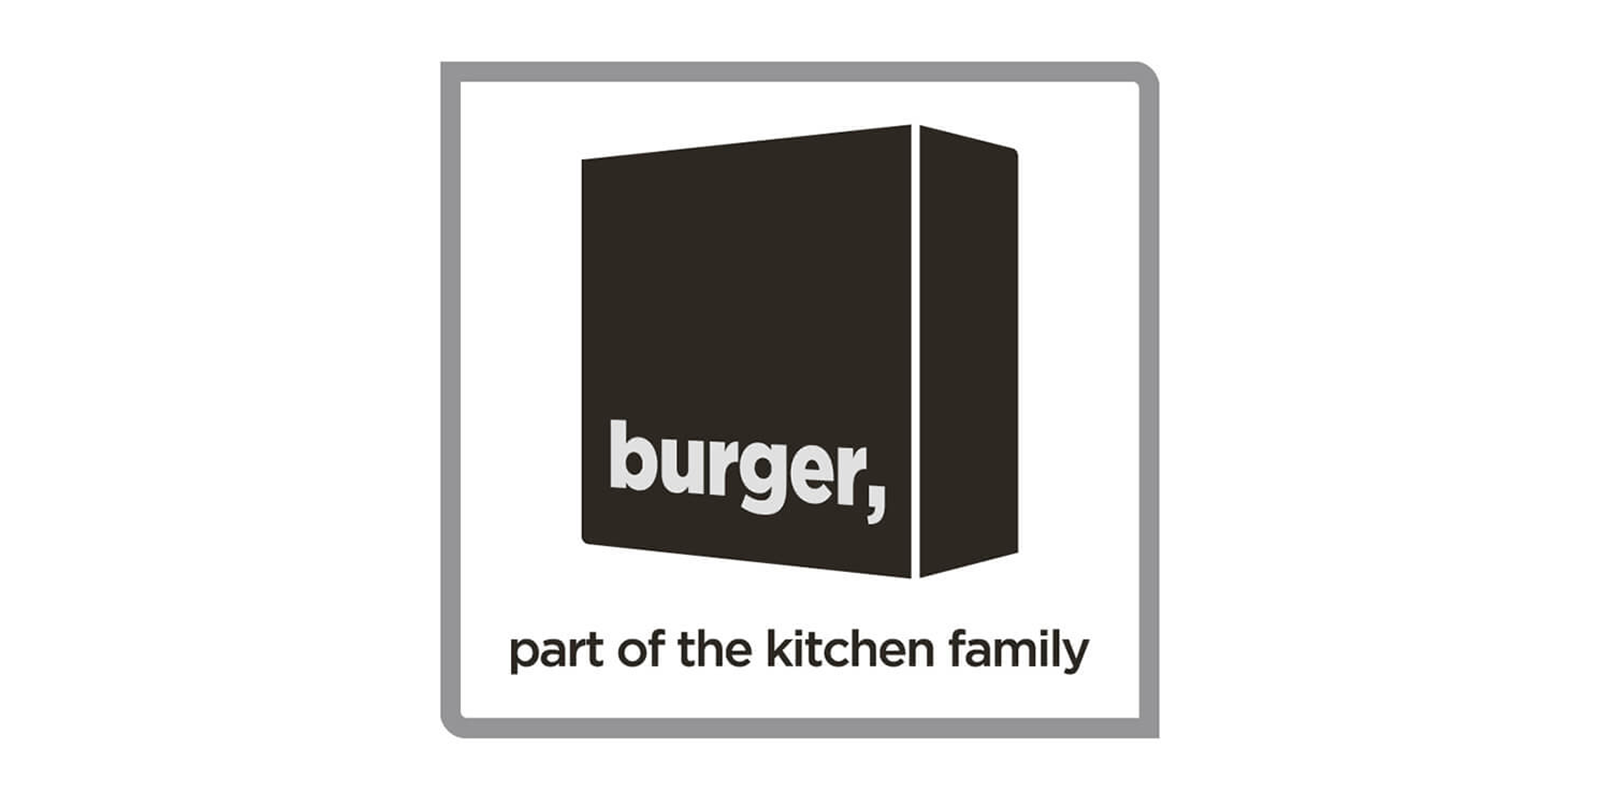 Burger Küchen Logo Küchenkaufen.net Küchenhalle Winnenden